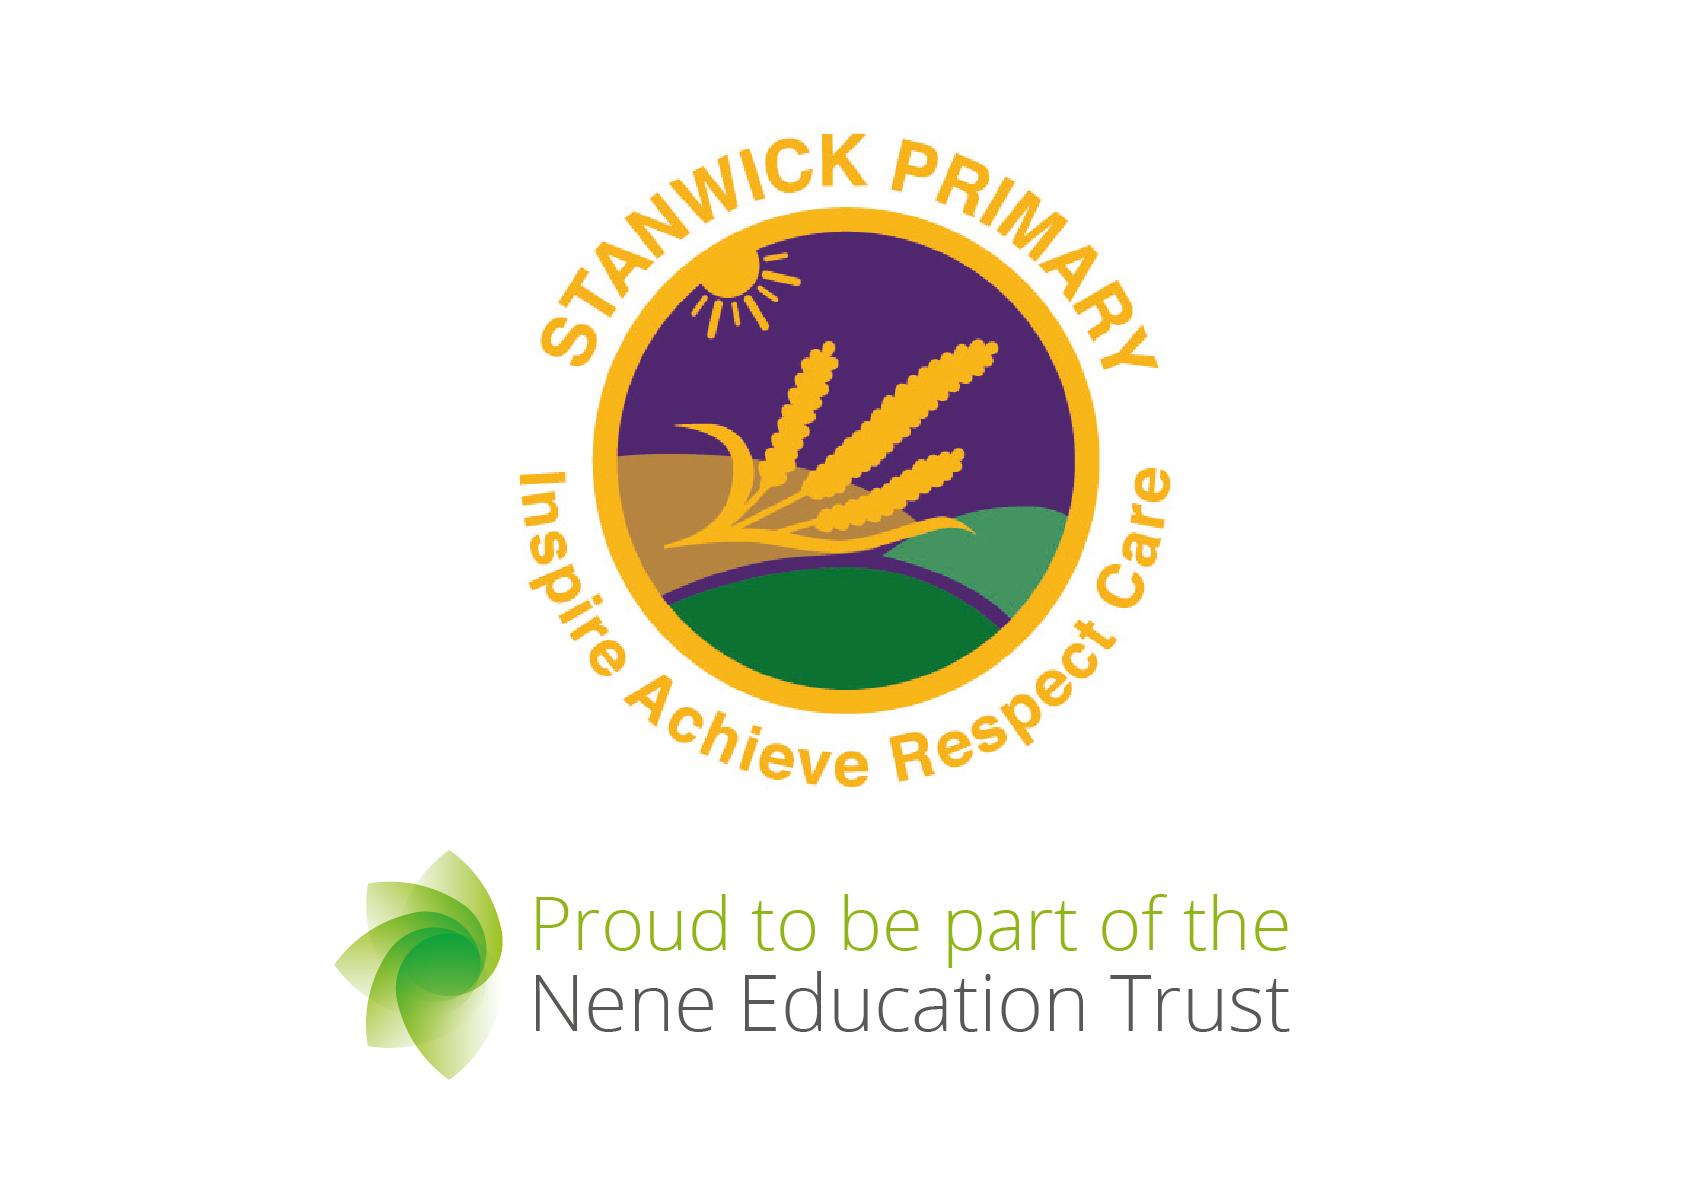 Stanwick Primary